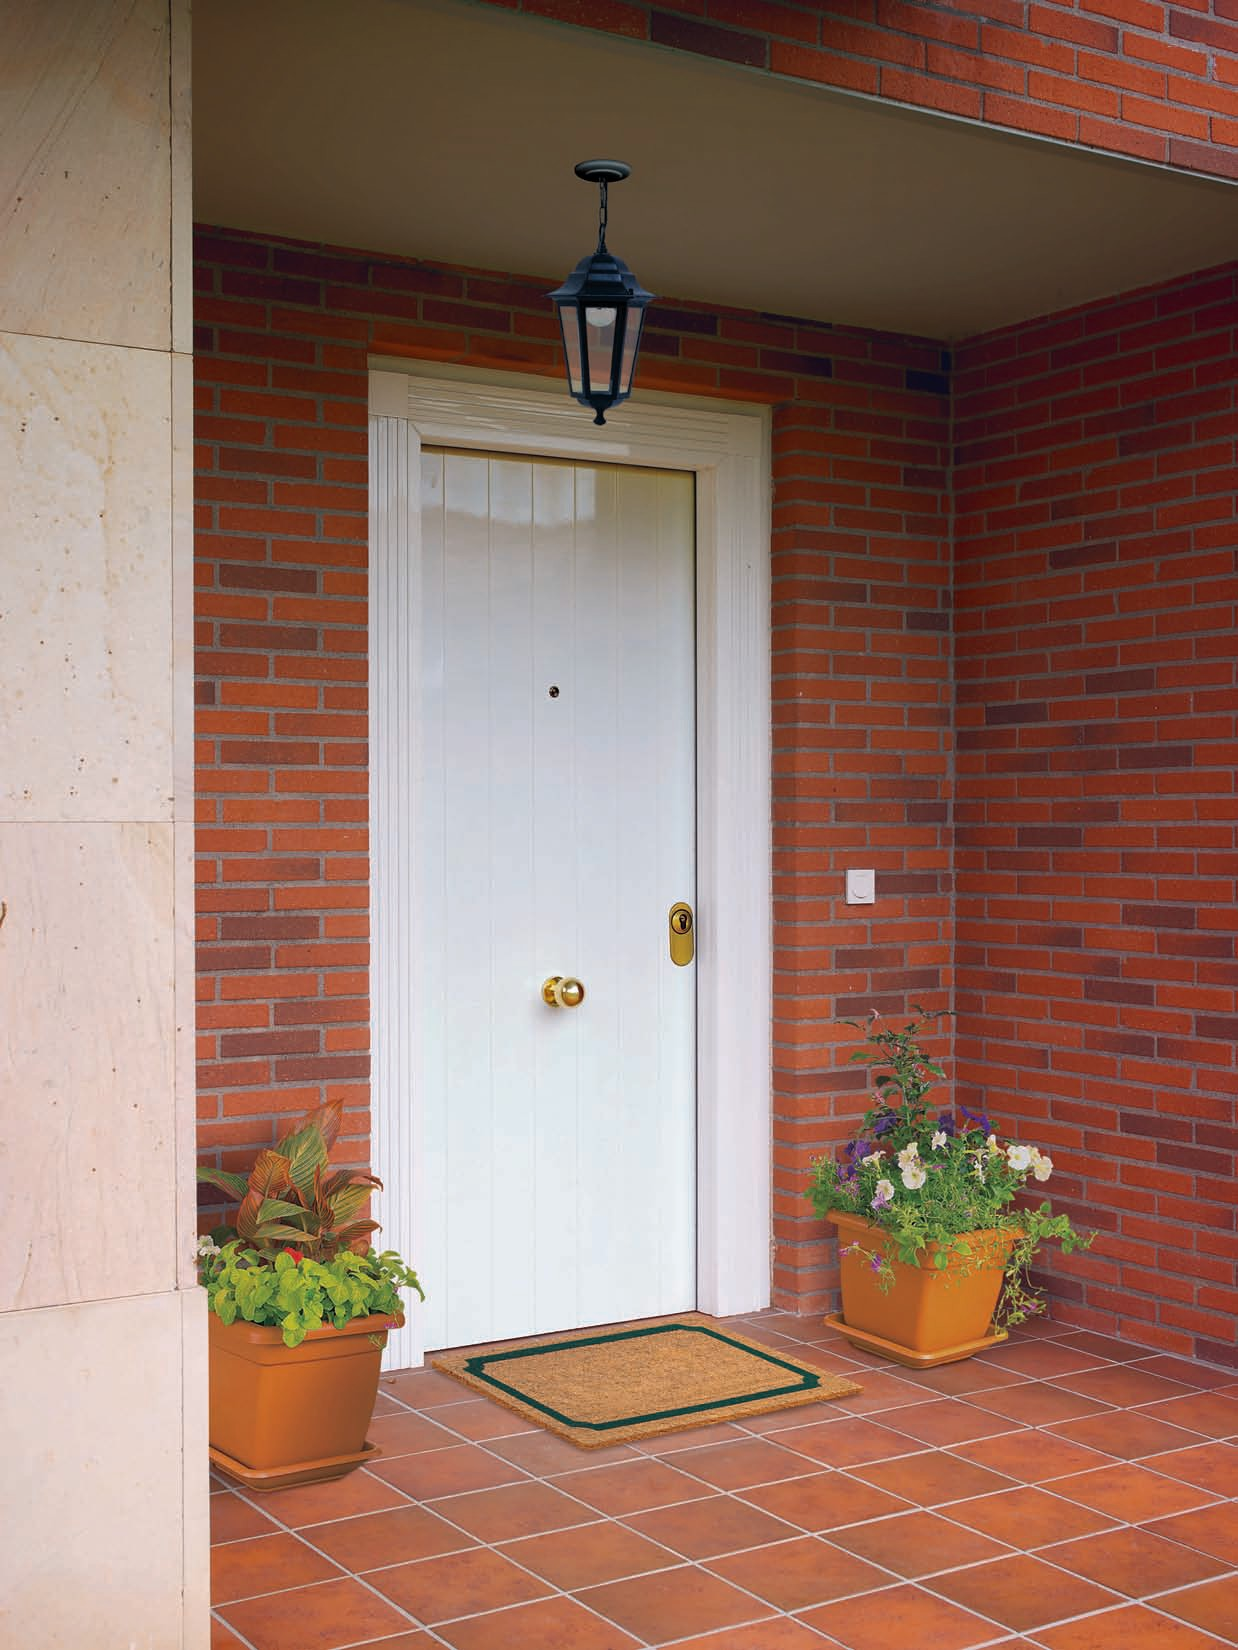 Puertas blindadas exterior 47691 puertas ideas - Puertas blindadas exterior ...